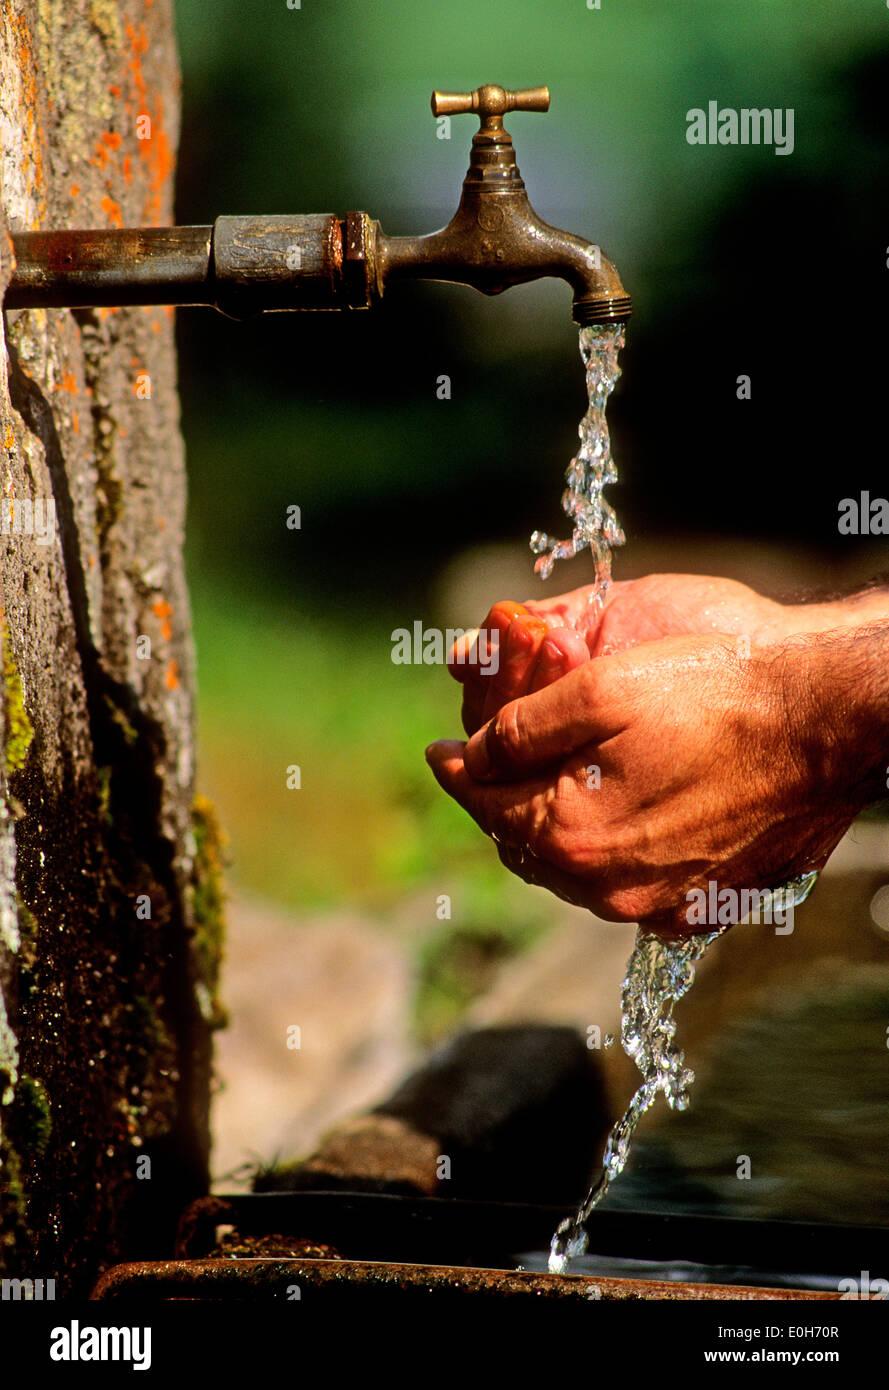 Lavaggio delle mani in corrispondenza di un rubinetto esterno nel giardino Immagini Stock